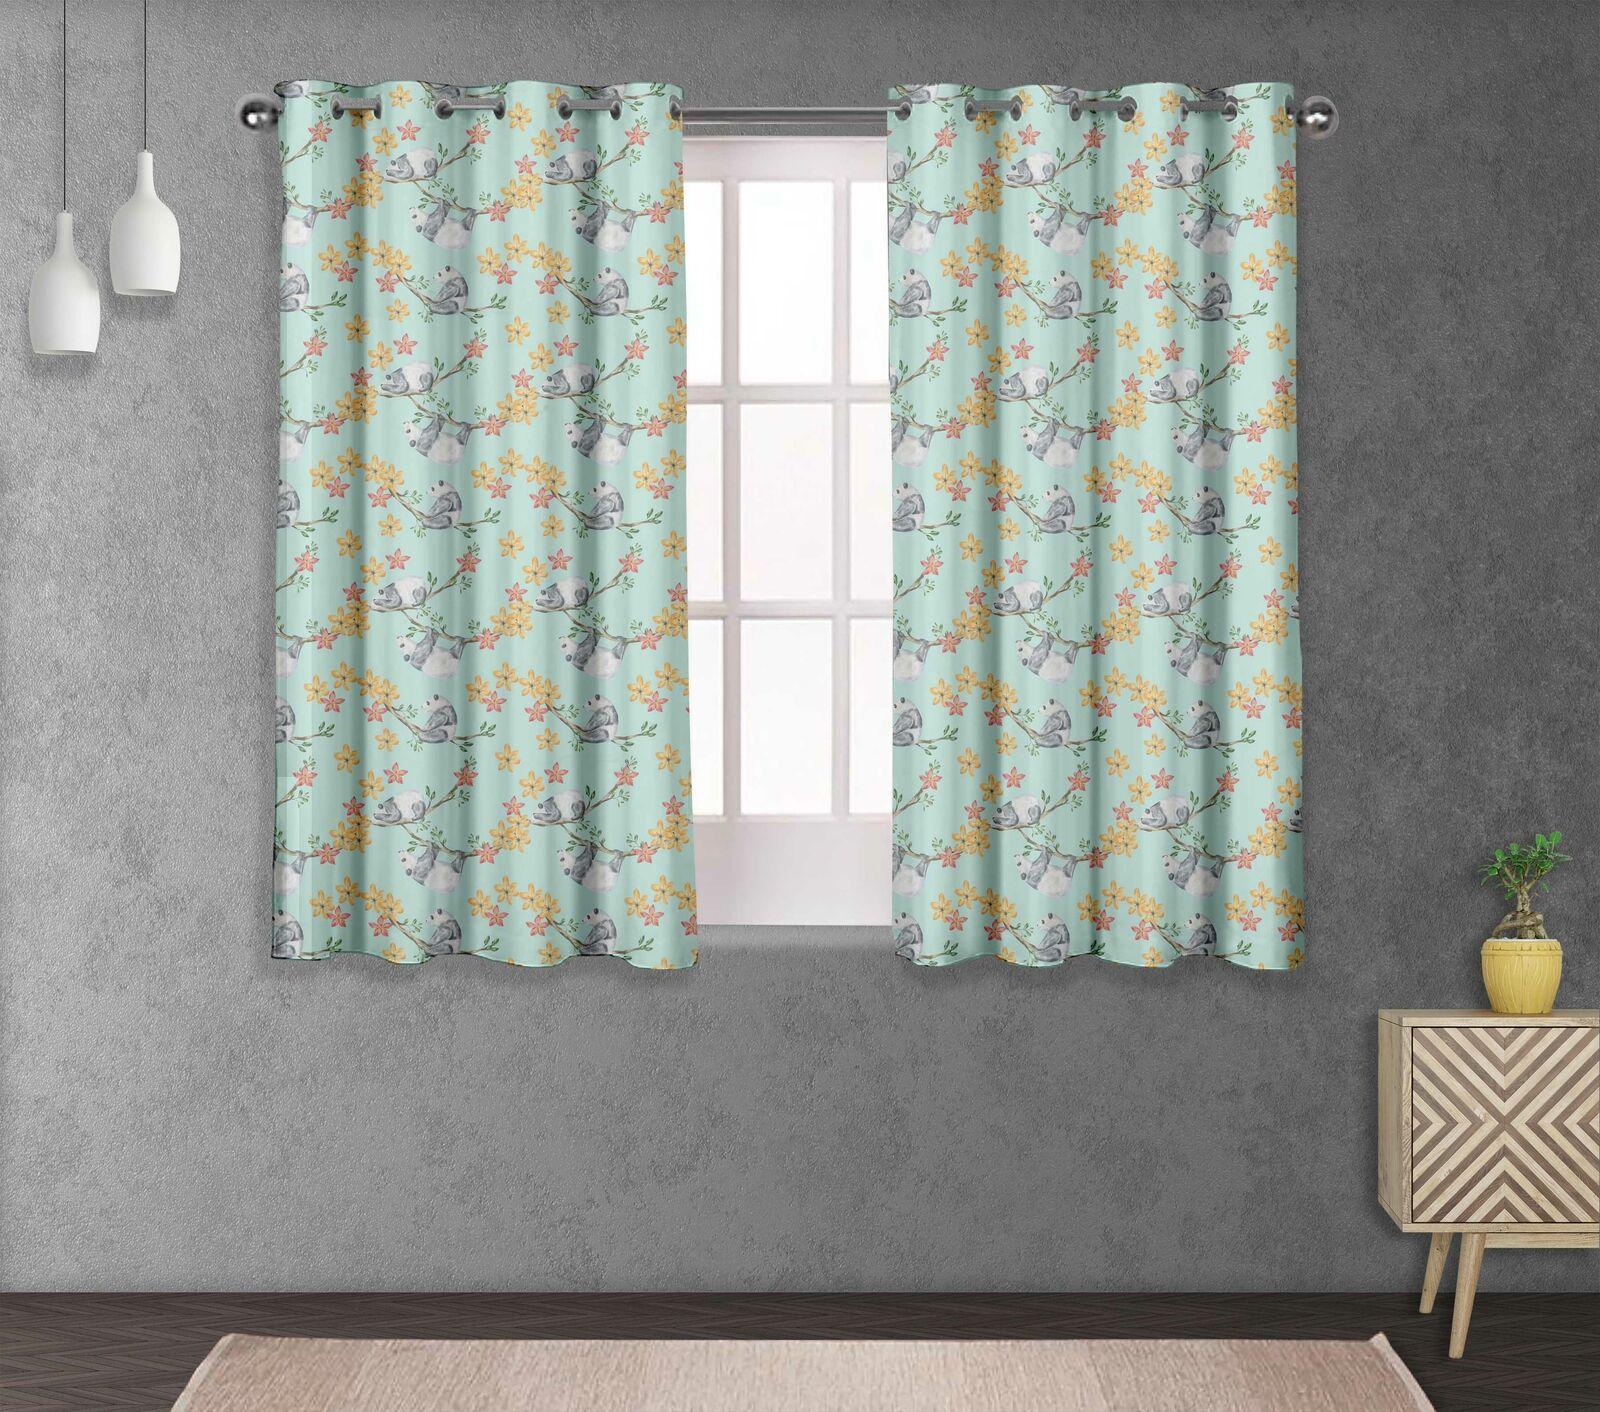 S 4 Sassy Bear & Cama divisores de habitación Panel de cortina corta y larga-FL-525G